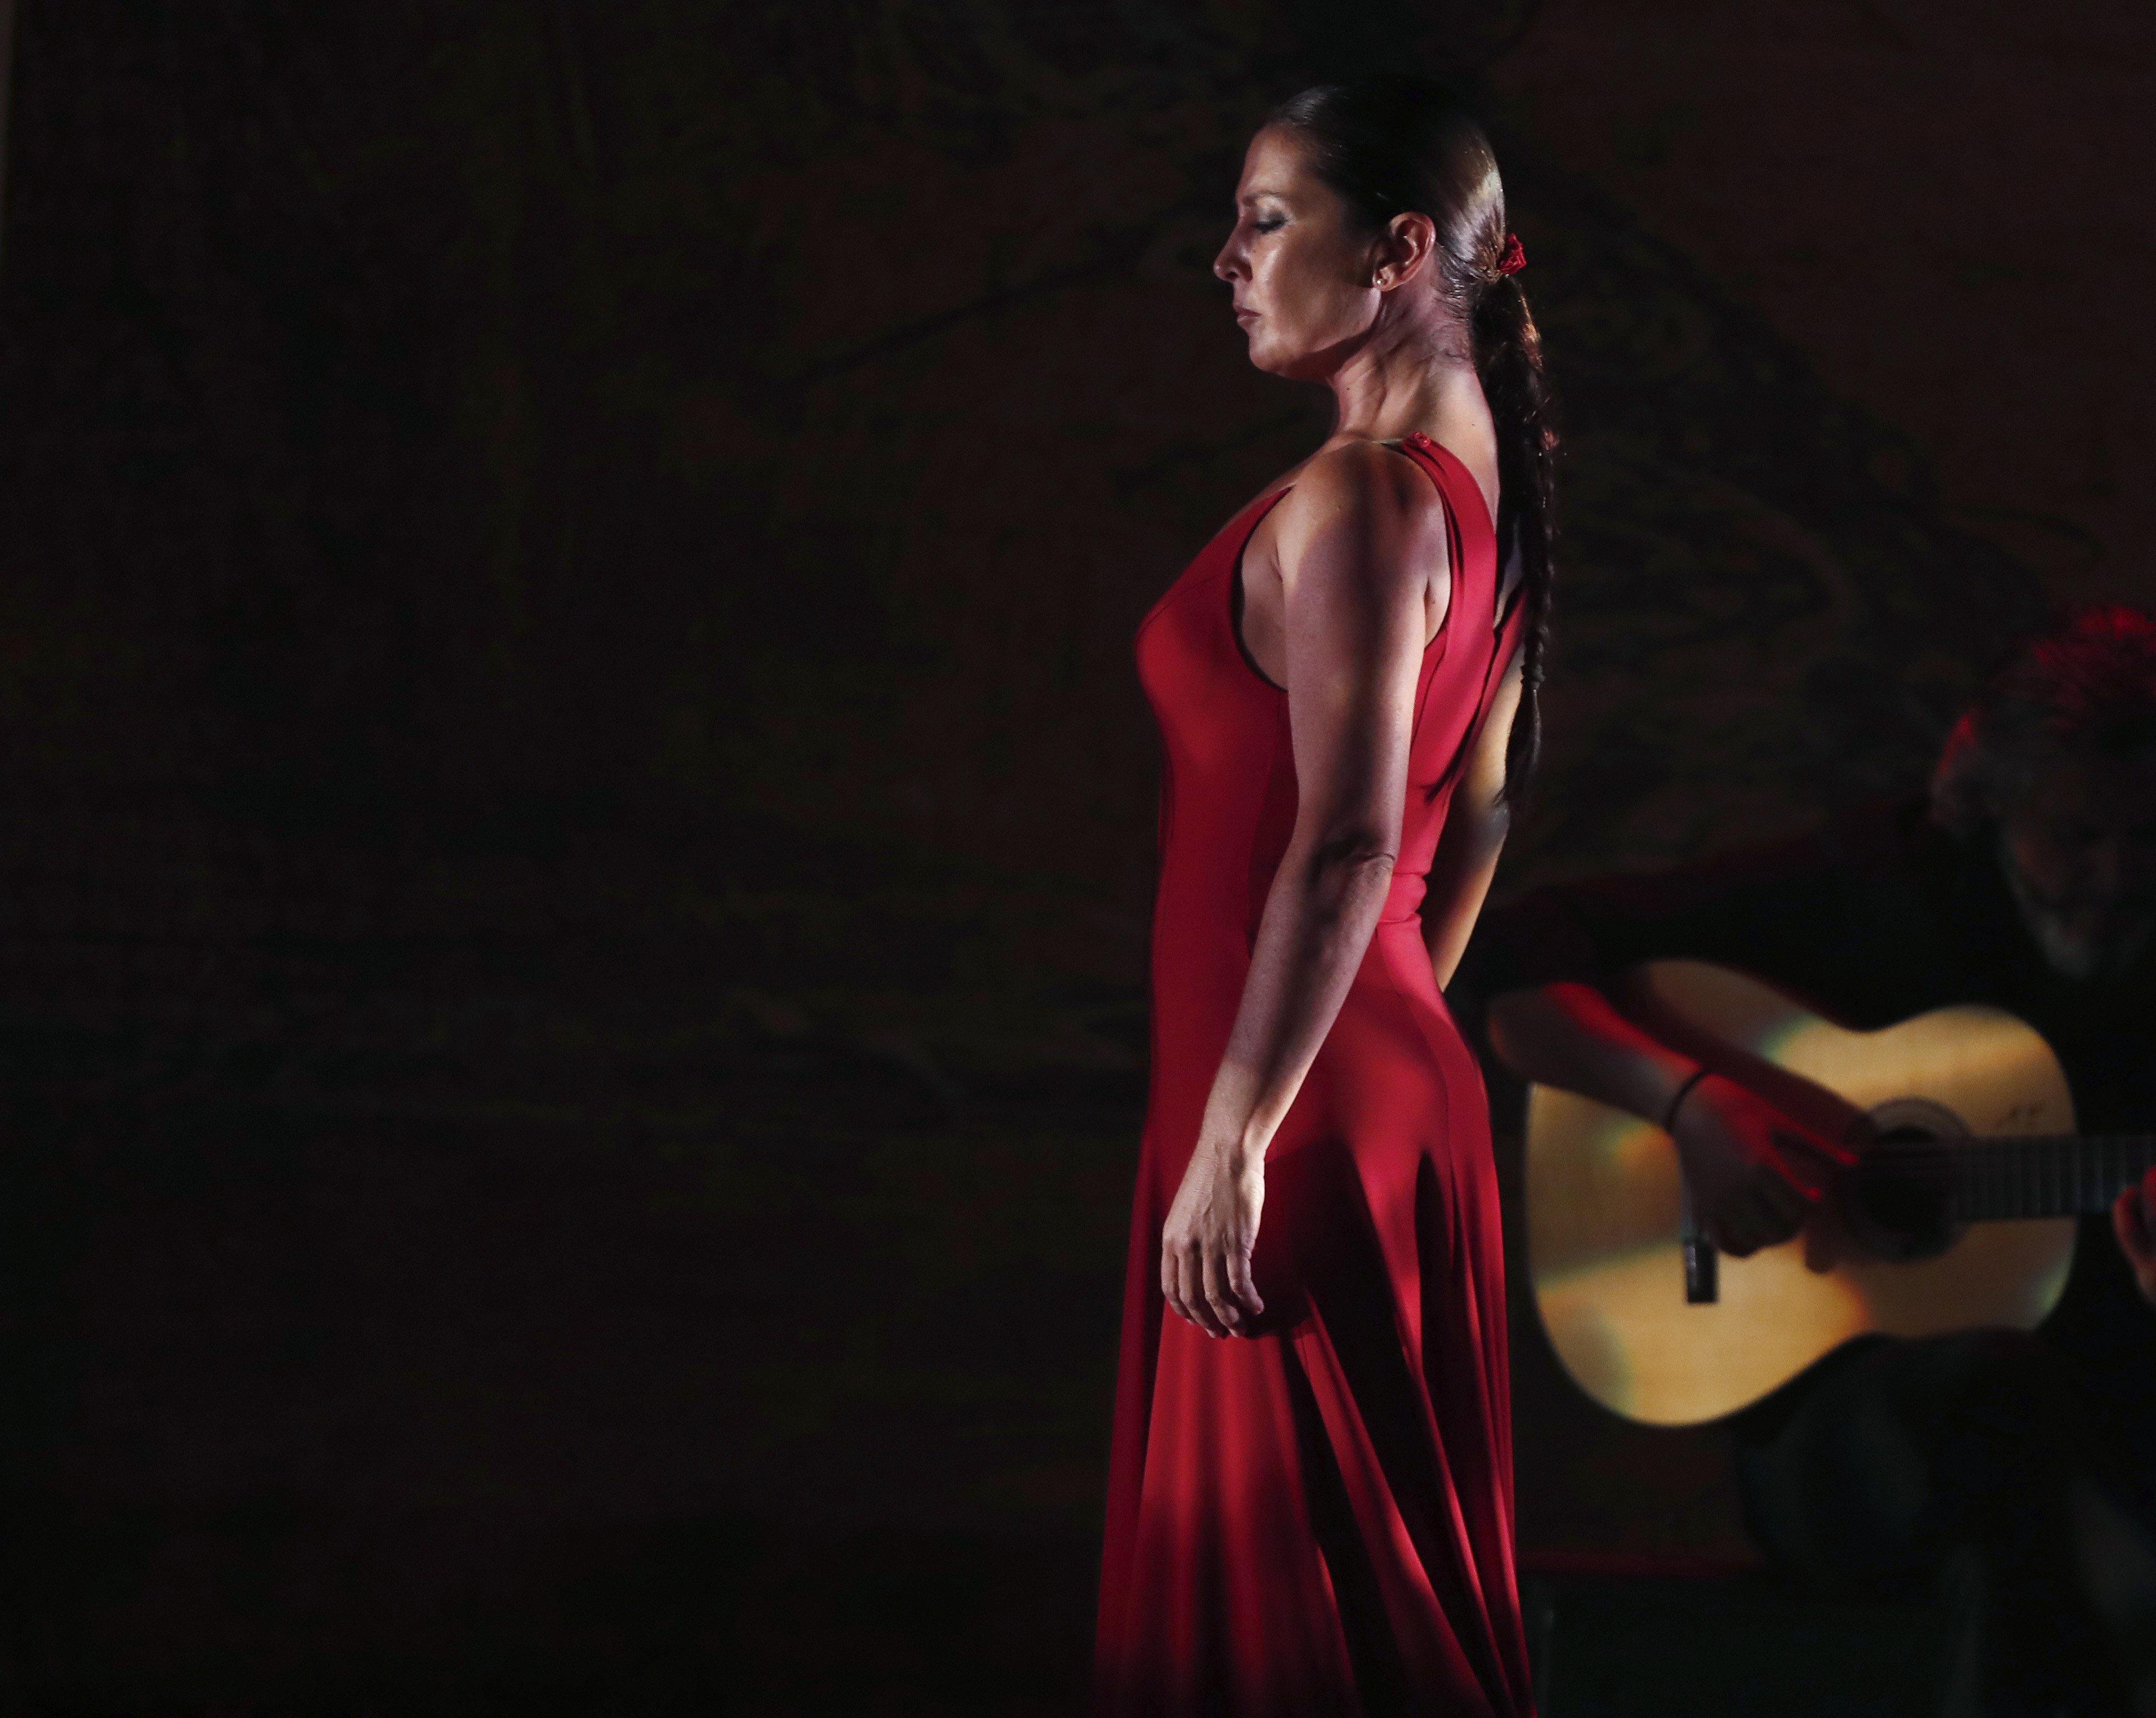 """La balladora gaditana Sara Baras, Premi Nacional de Dansa 2003, durant la presentació al Baluard de Pamplona del seu nou espectacle """"Ombres"""". /JESÚS DIGES"""